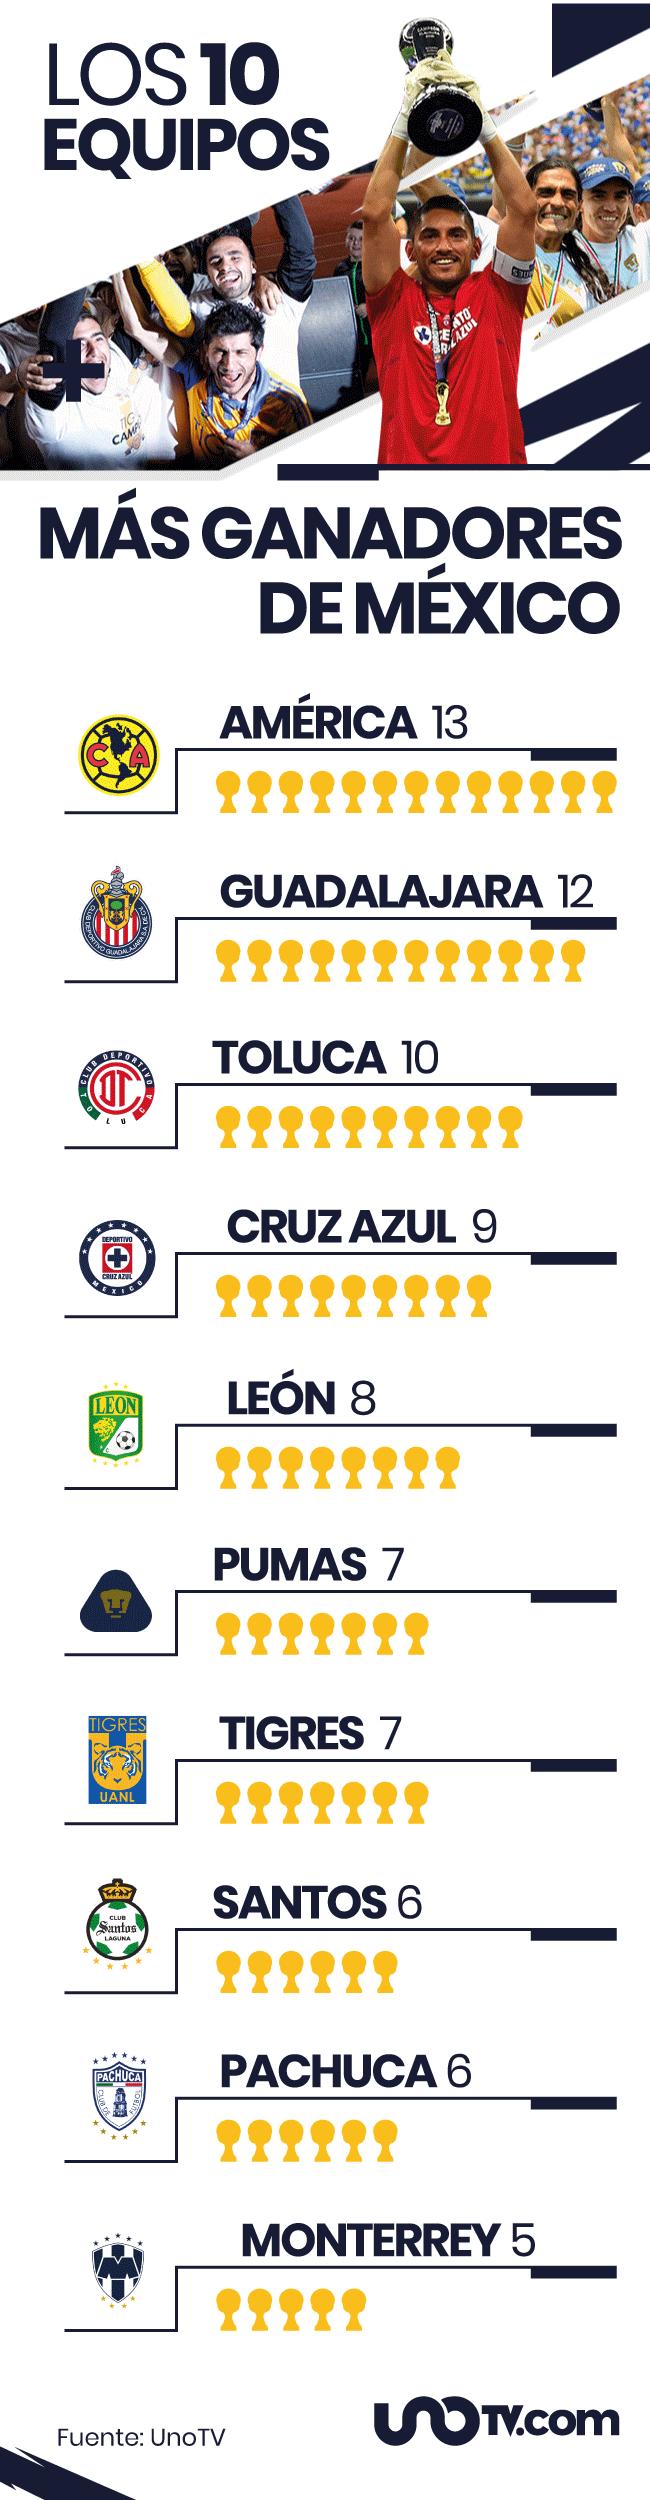 Equipos más ganadores méxico